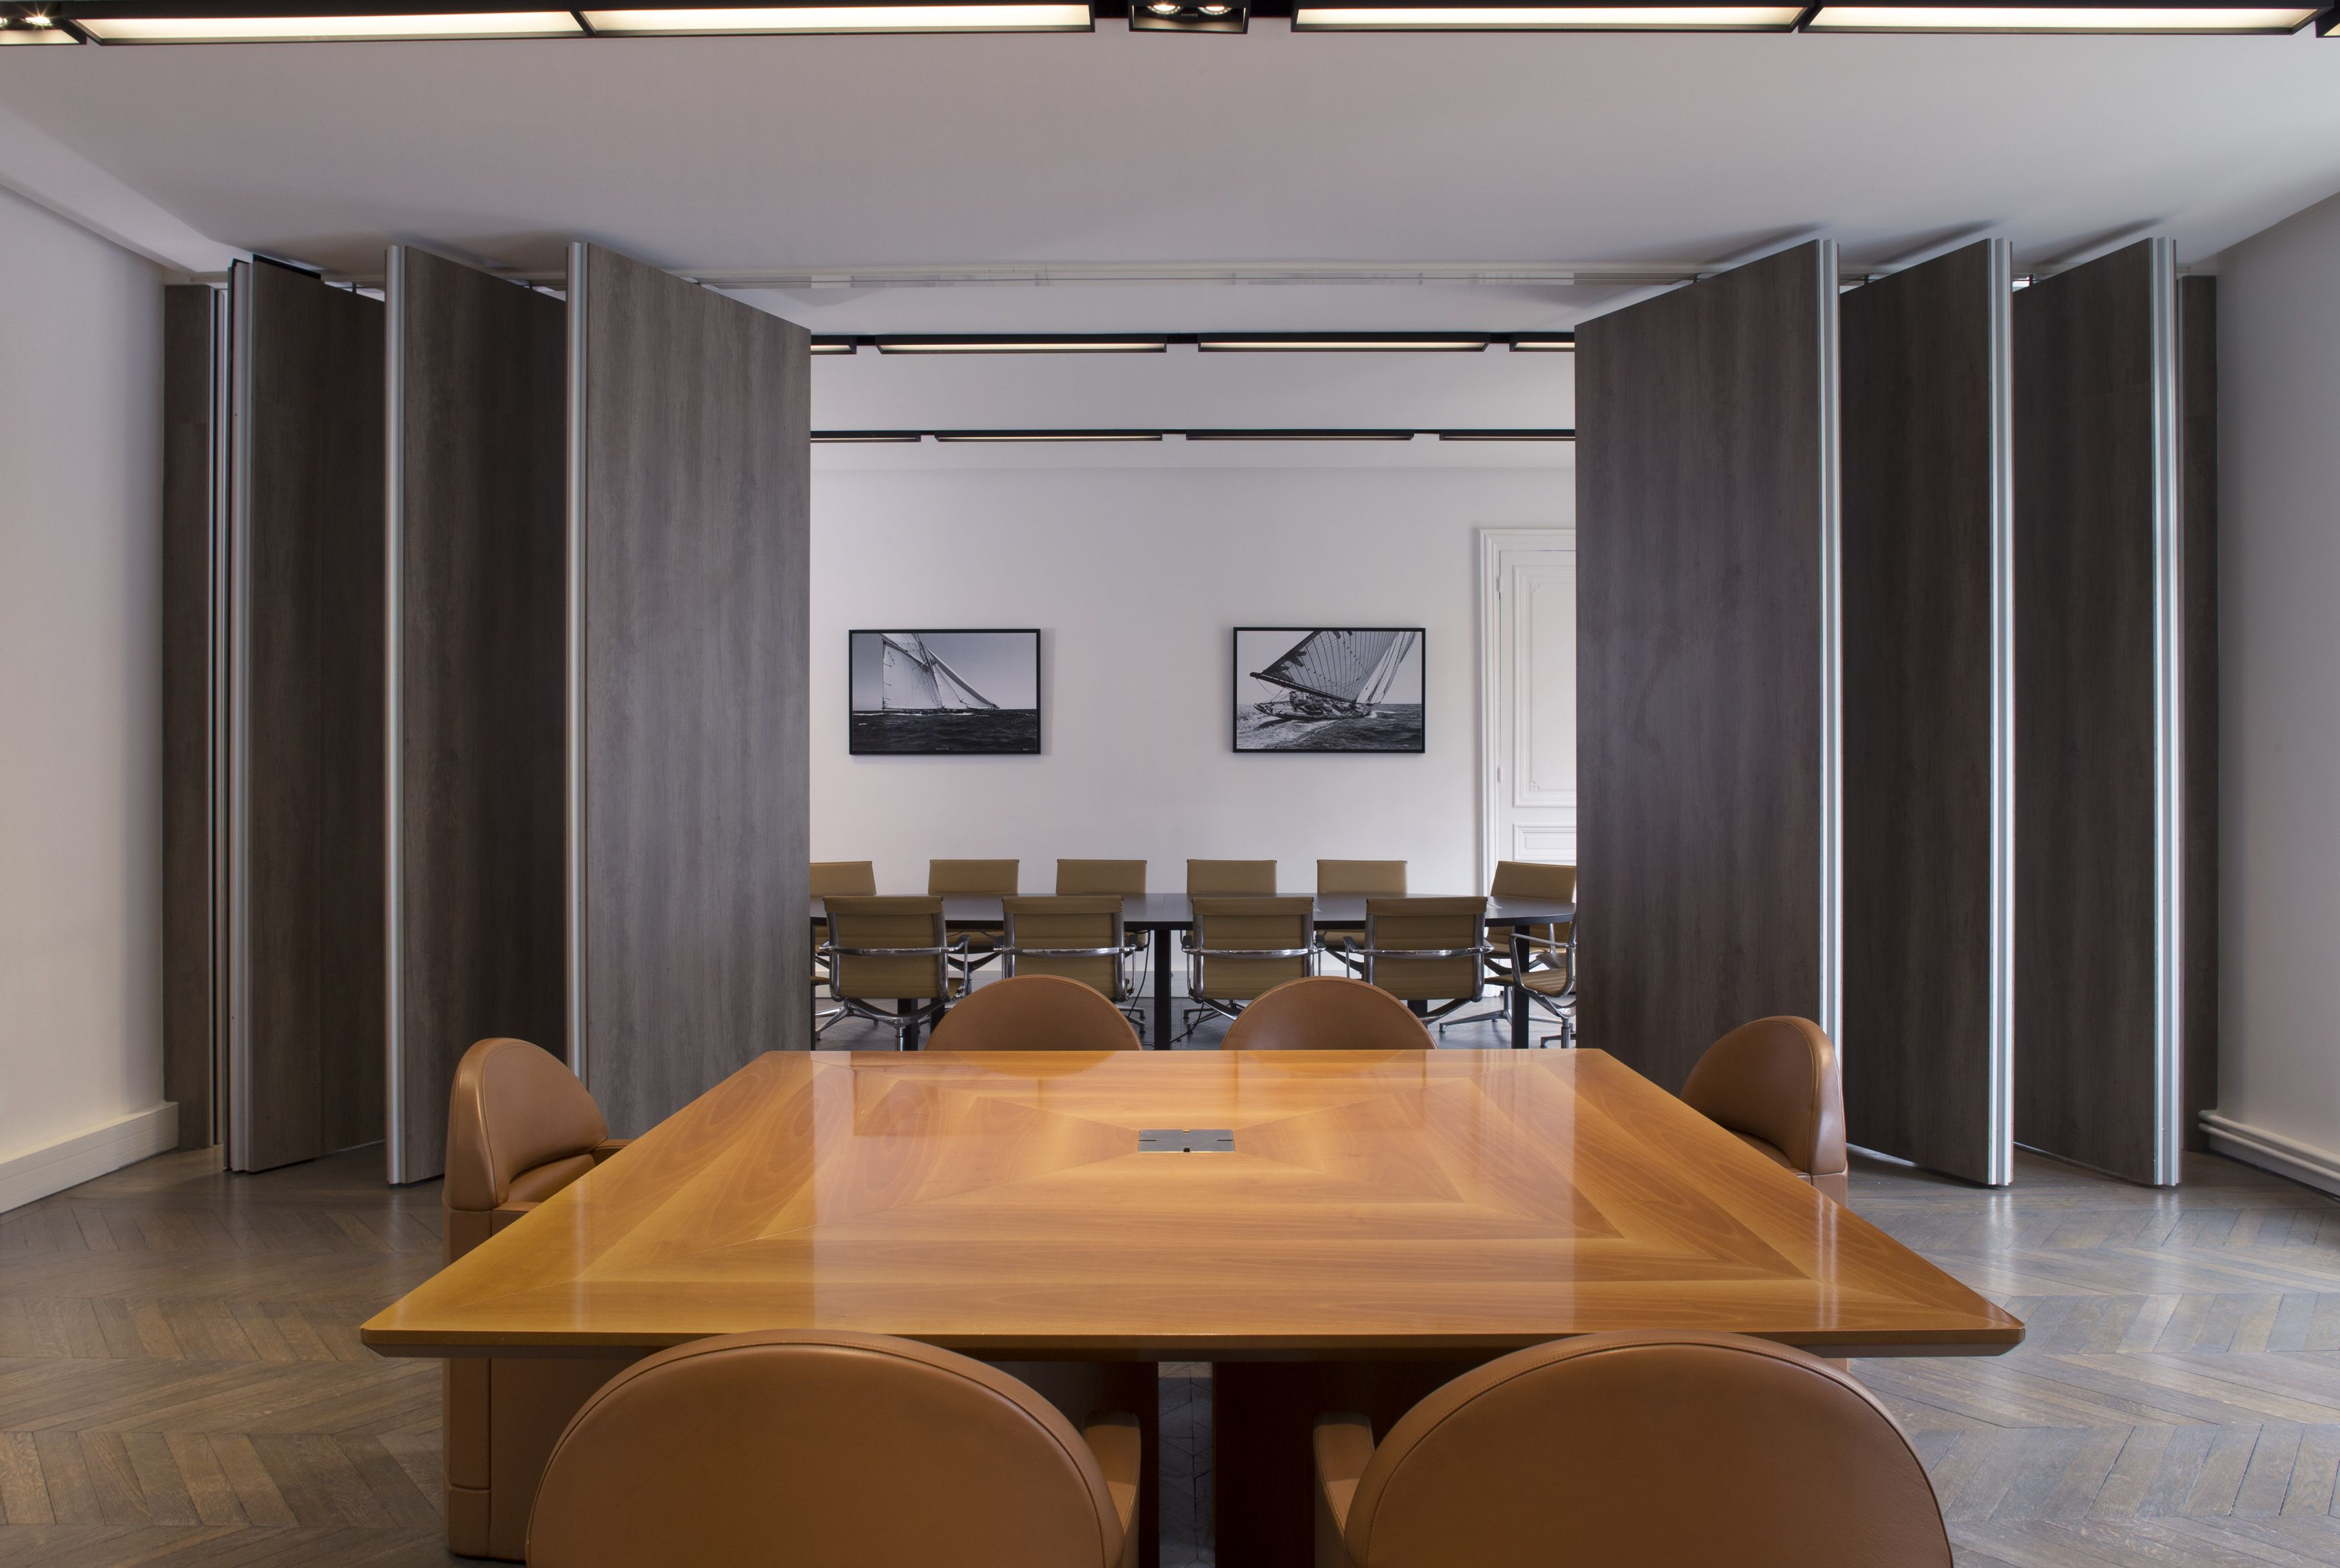 Salle de r union par cl ram style design bureau architecture am nagement workspace - Agencement bureau design ...